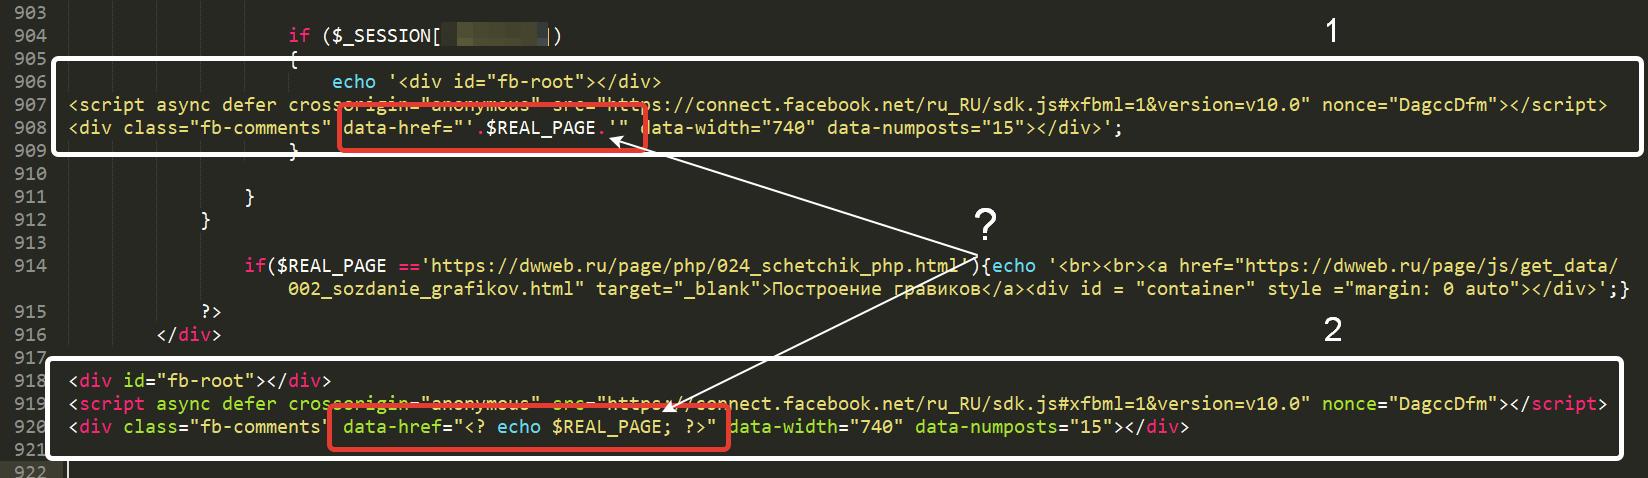 Создаем динамичный URL для комментариев facebook.com